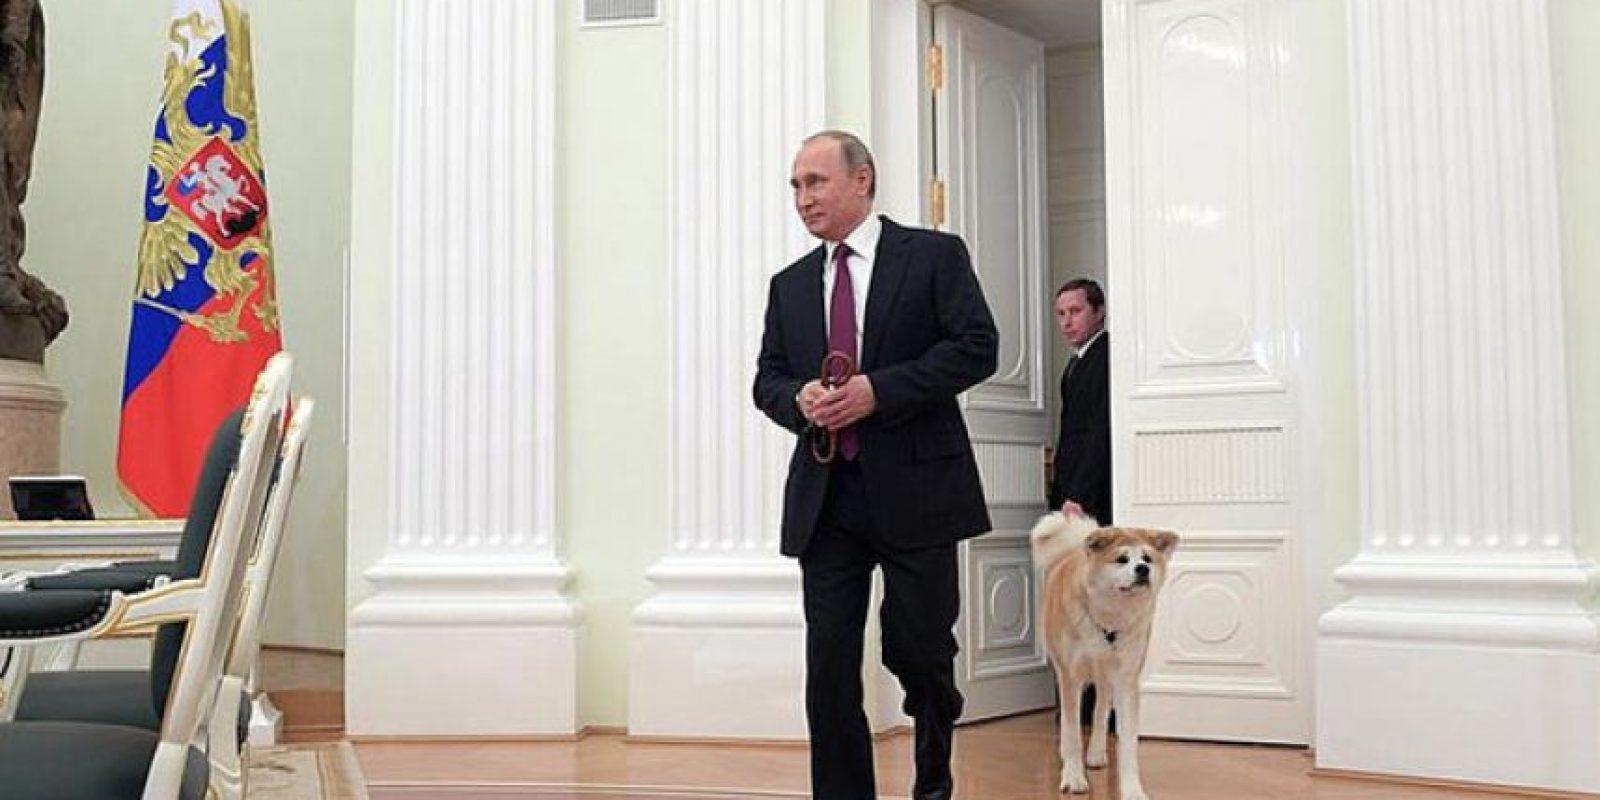 Foto:Reproducción/ kremlin.ru. Imagen Por: